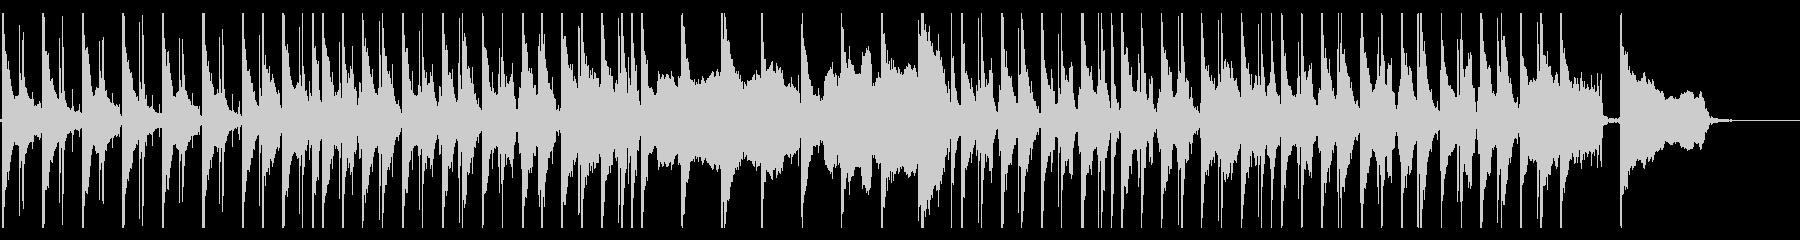 生コントラバスとクラリネットのゆったり曲の未再生の波形